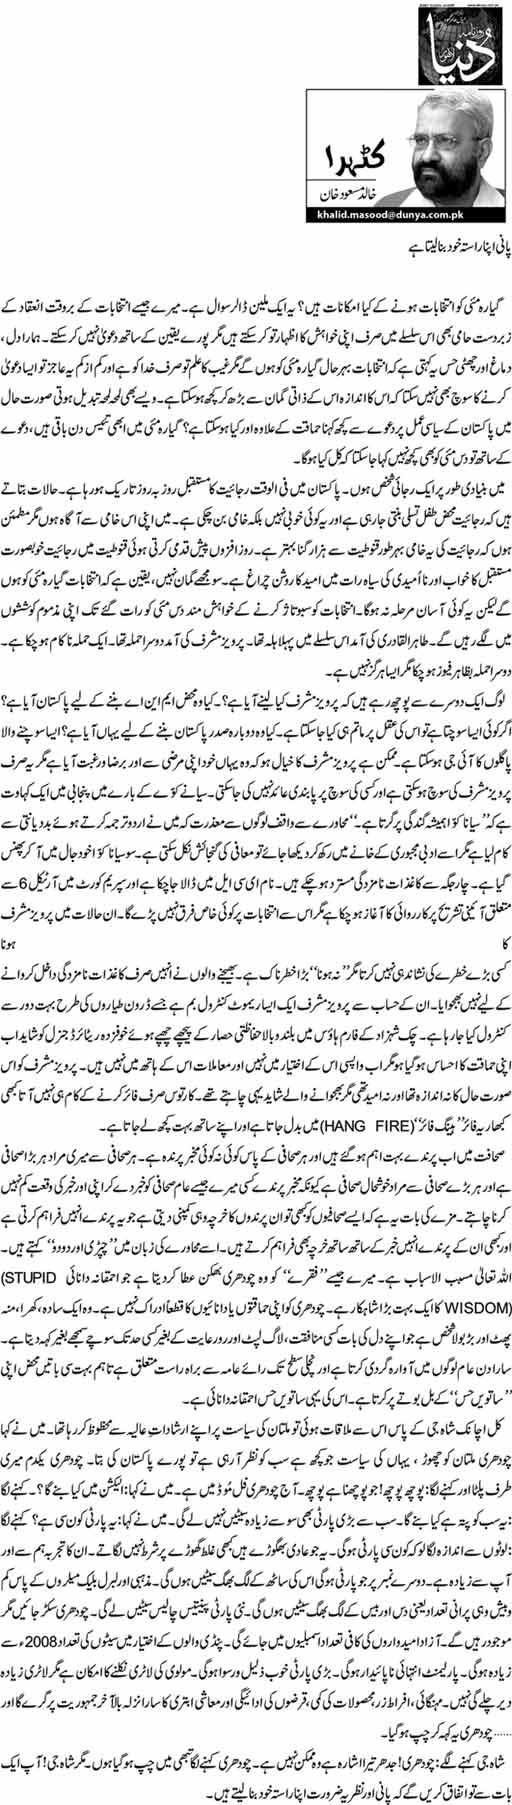 Pani Apna Rasta Khud Bana Laita Hai - Khalid Masood Khan